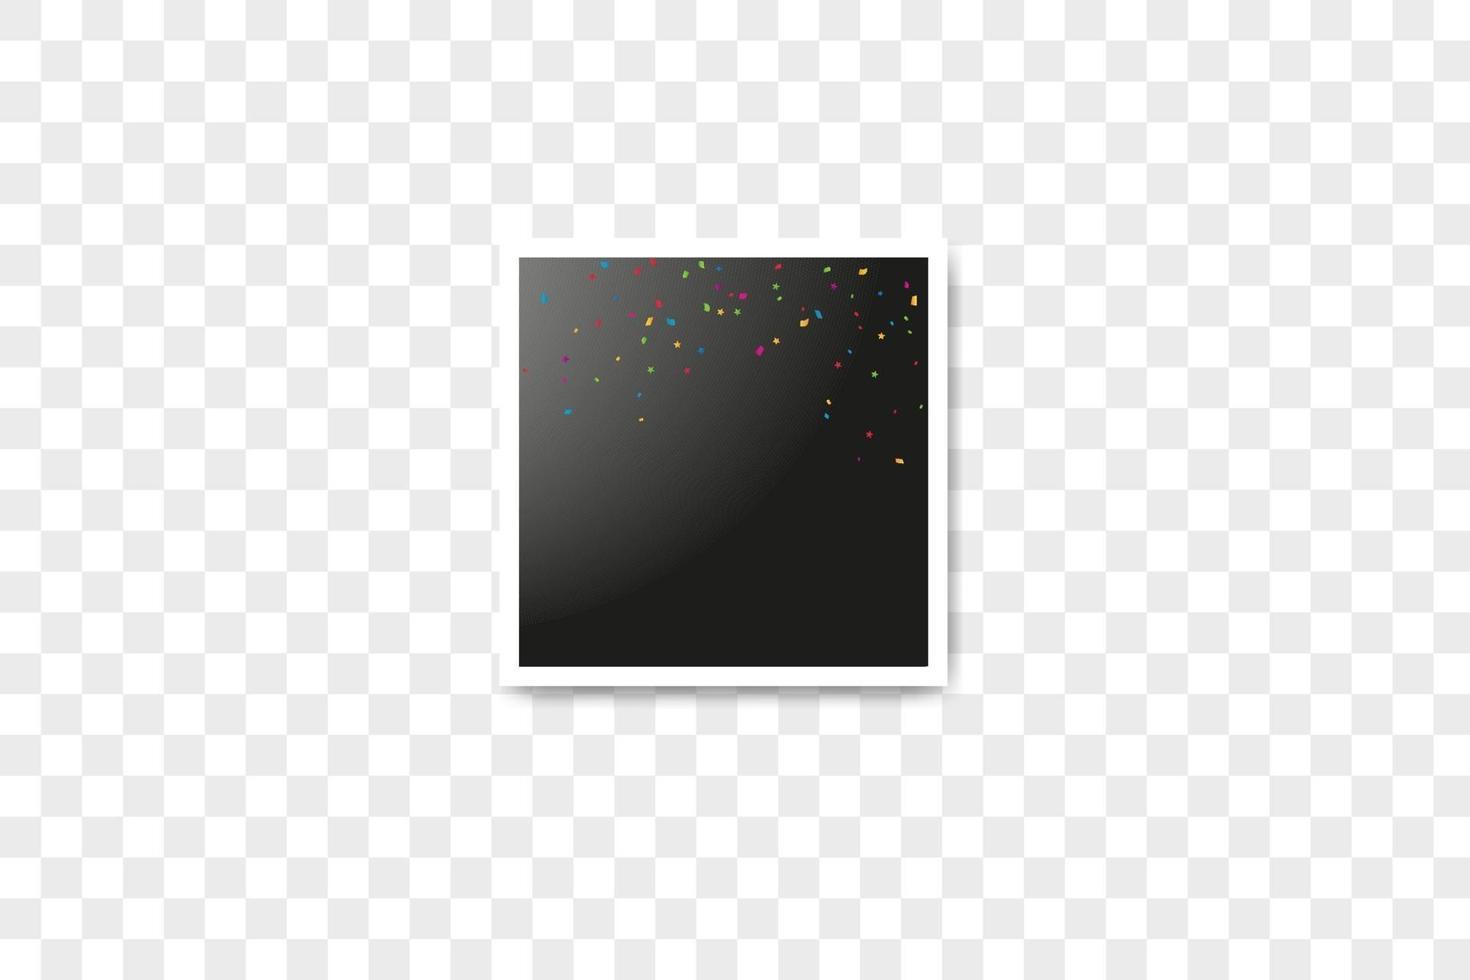 vektorramar fotocollage och färgkomposition av realistiska konfetti vektor